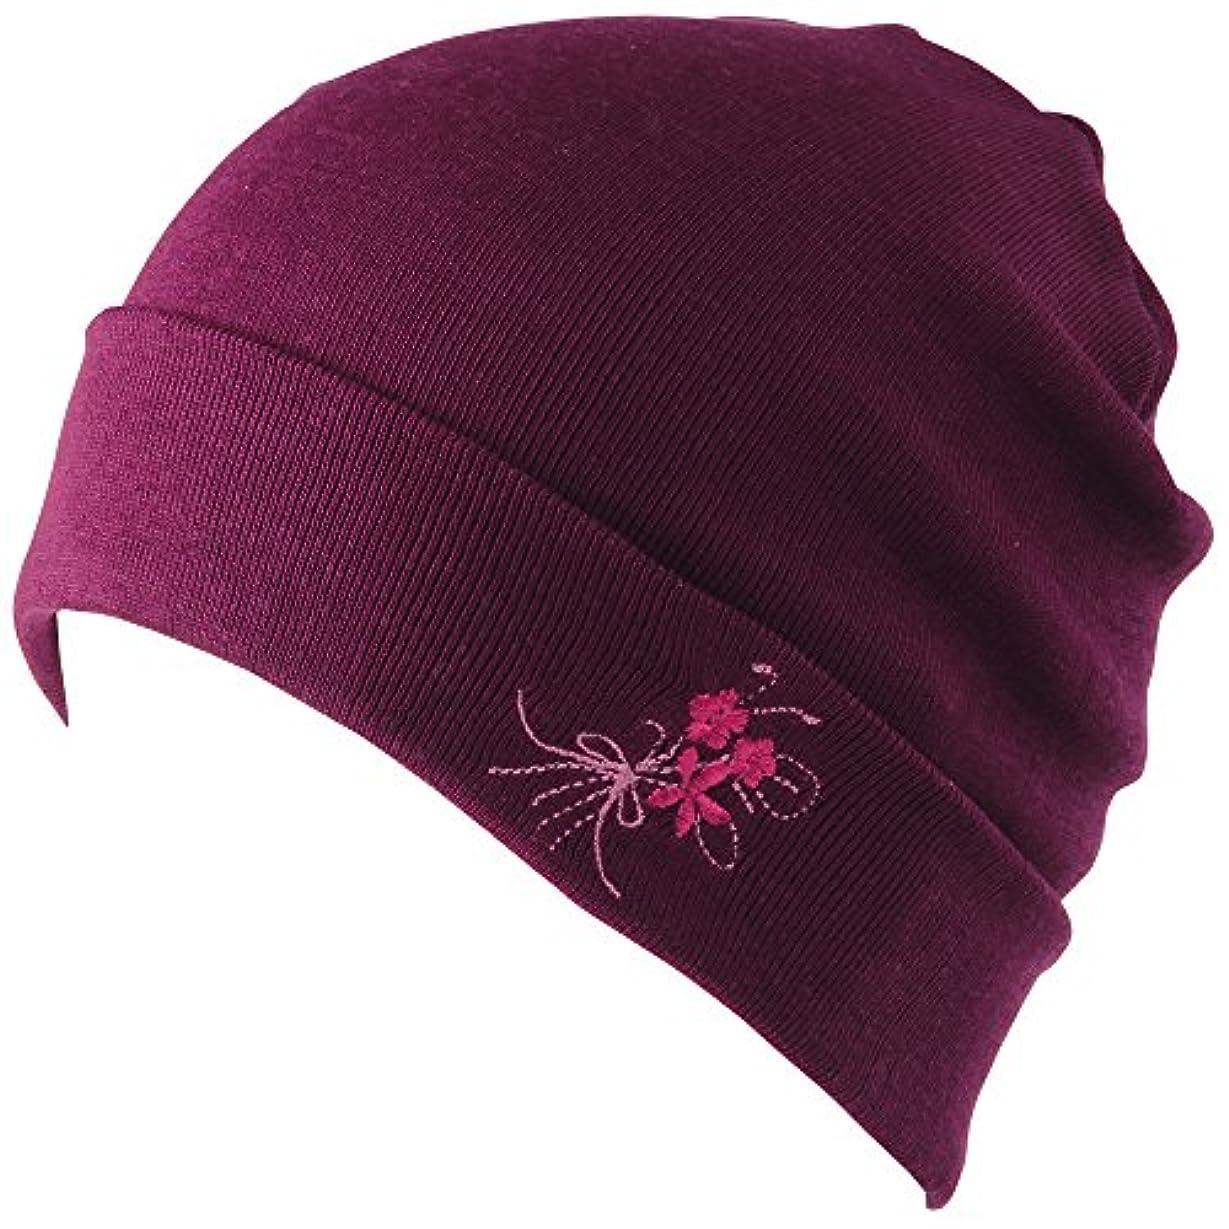 ペンフレンド率直なメロドラマティックなめらかシルクのニット帽 パープル